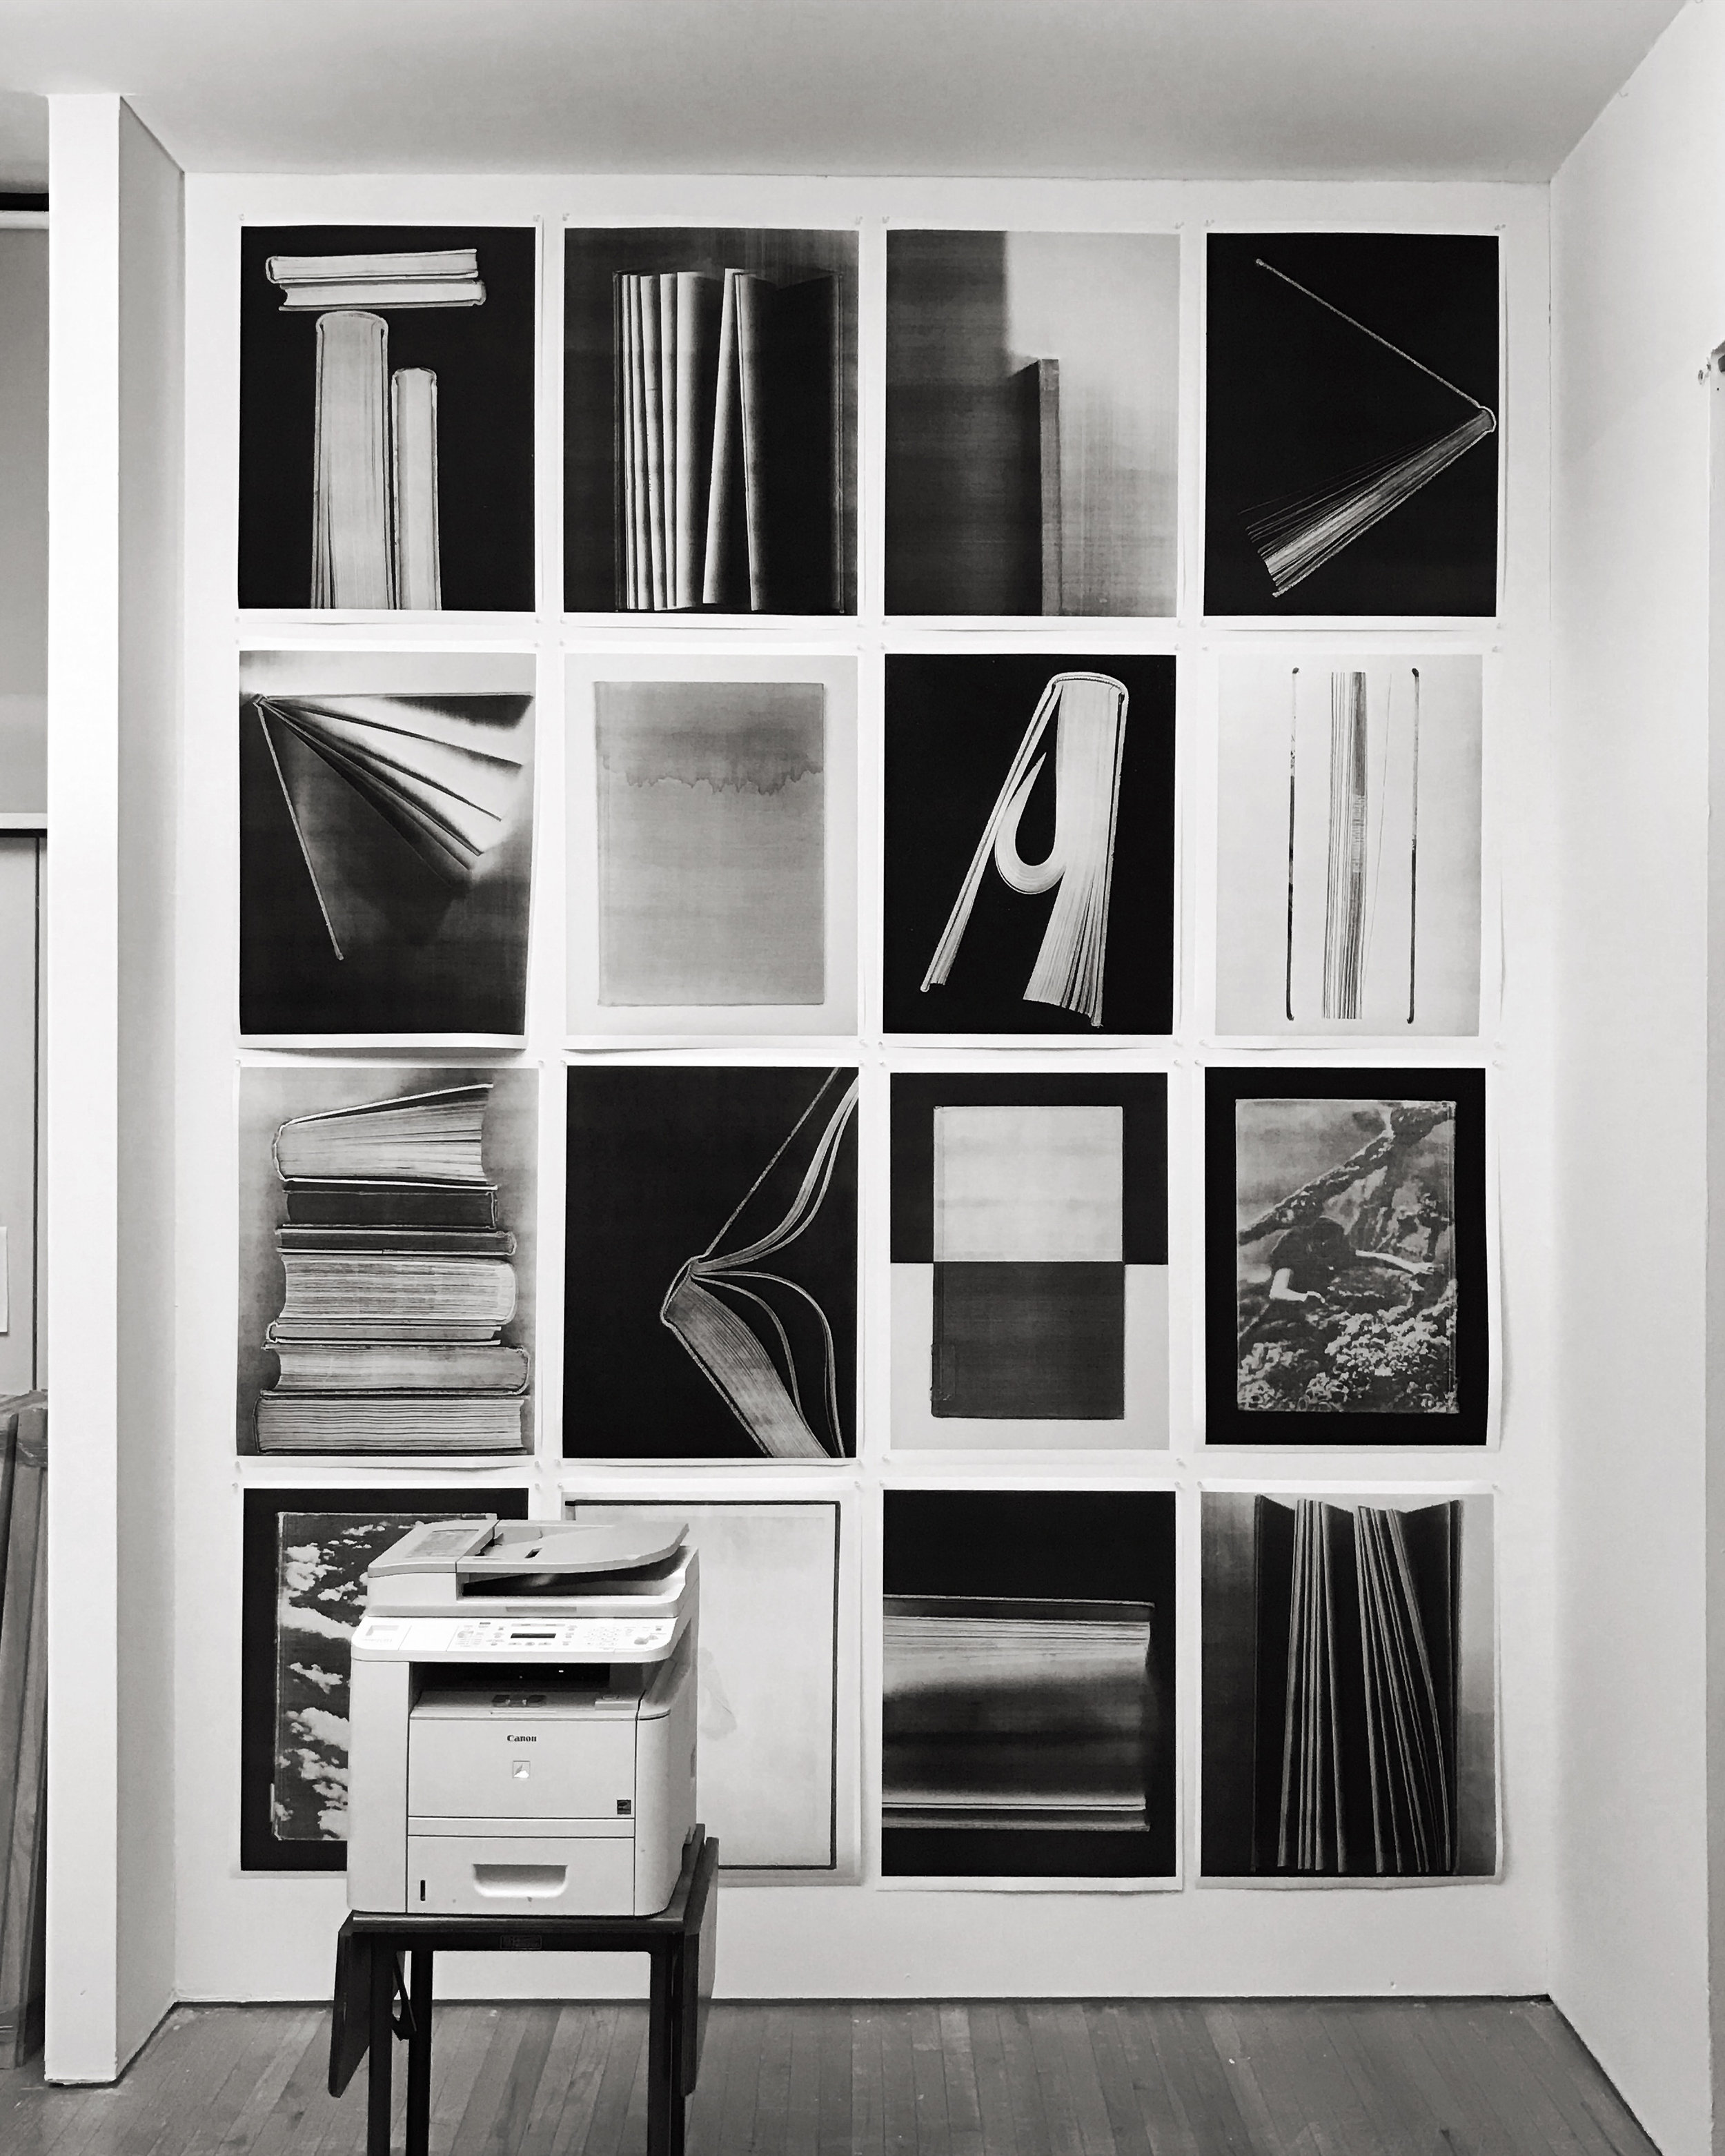 Library Copies, Queens Museum, 2017